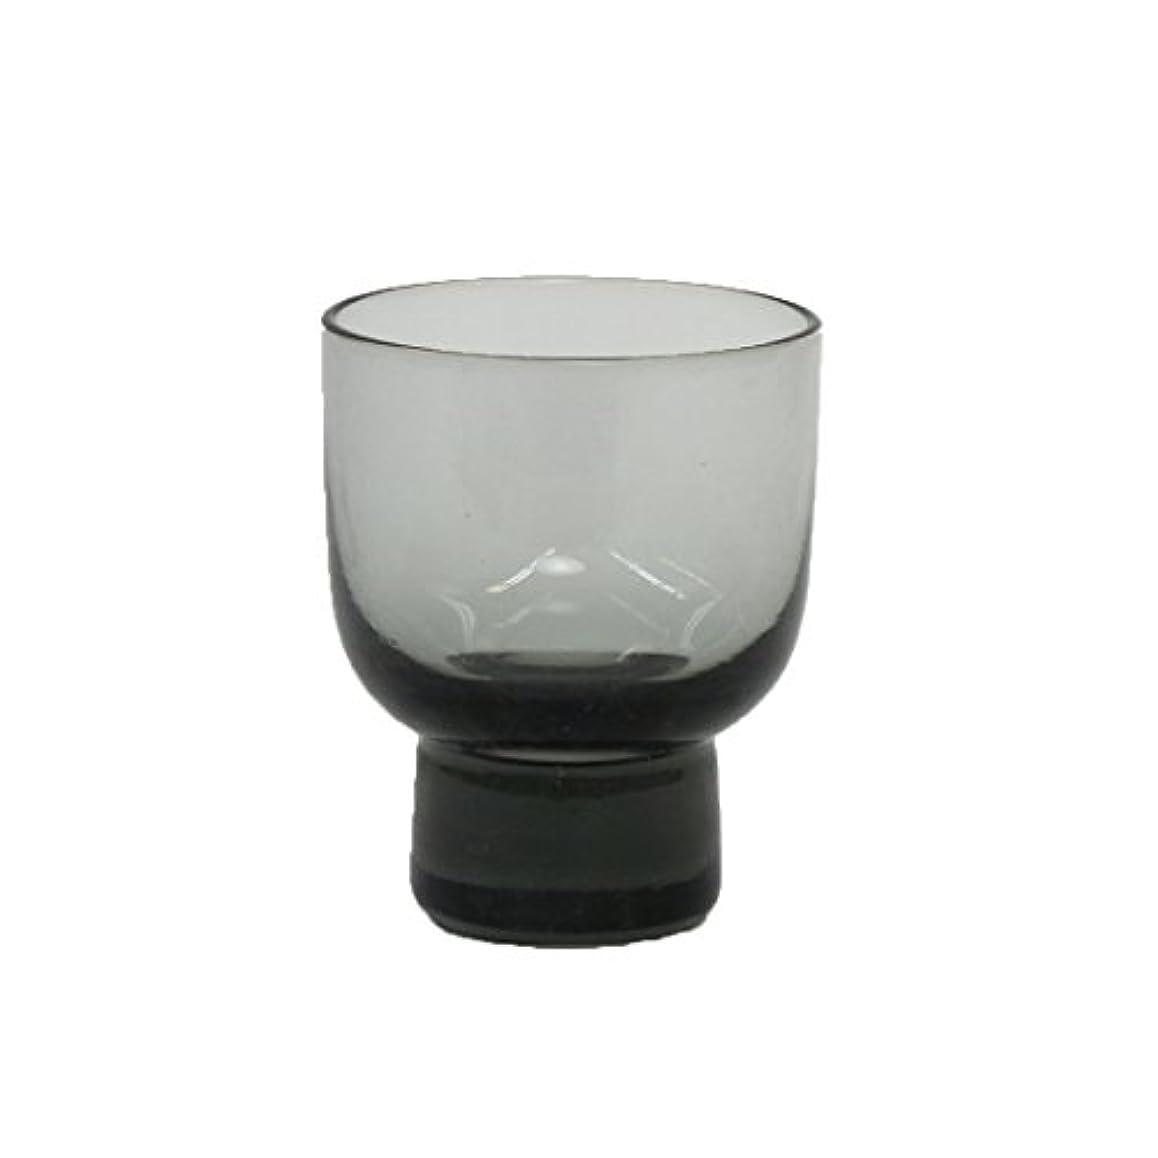 イタリック製造将来のロキカップ 「 スモーク 」